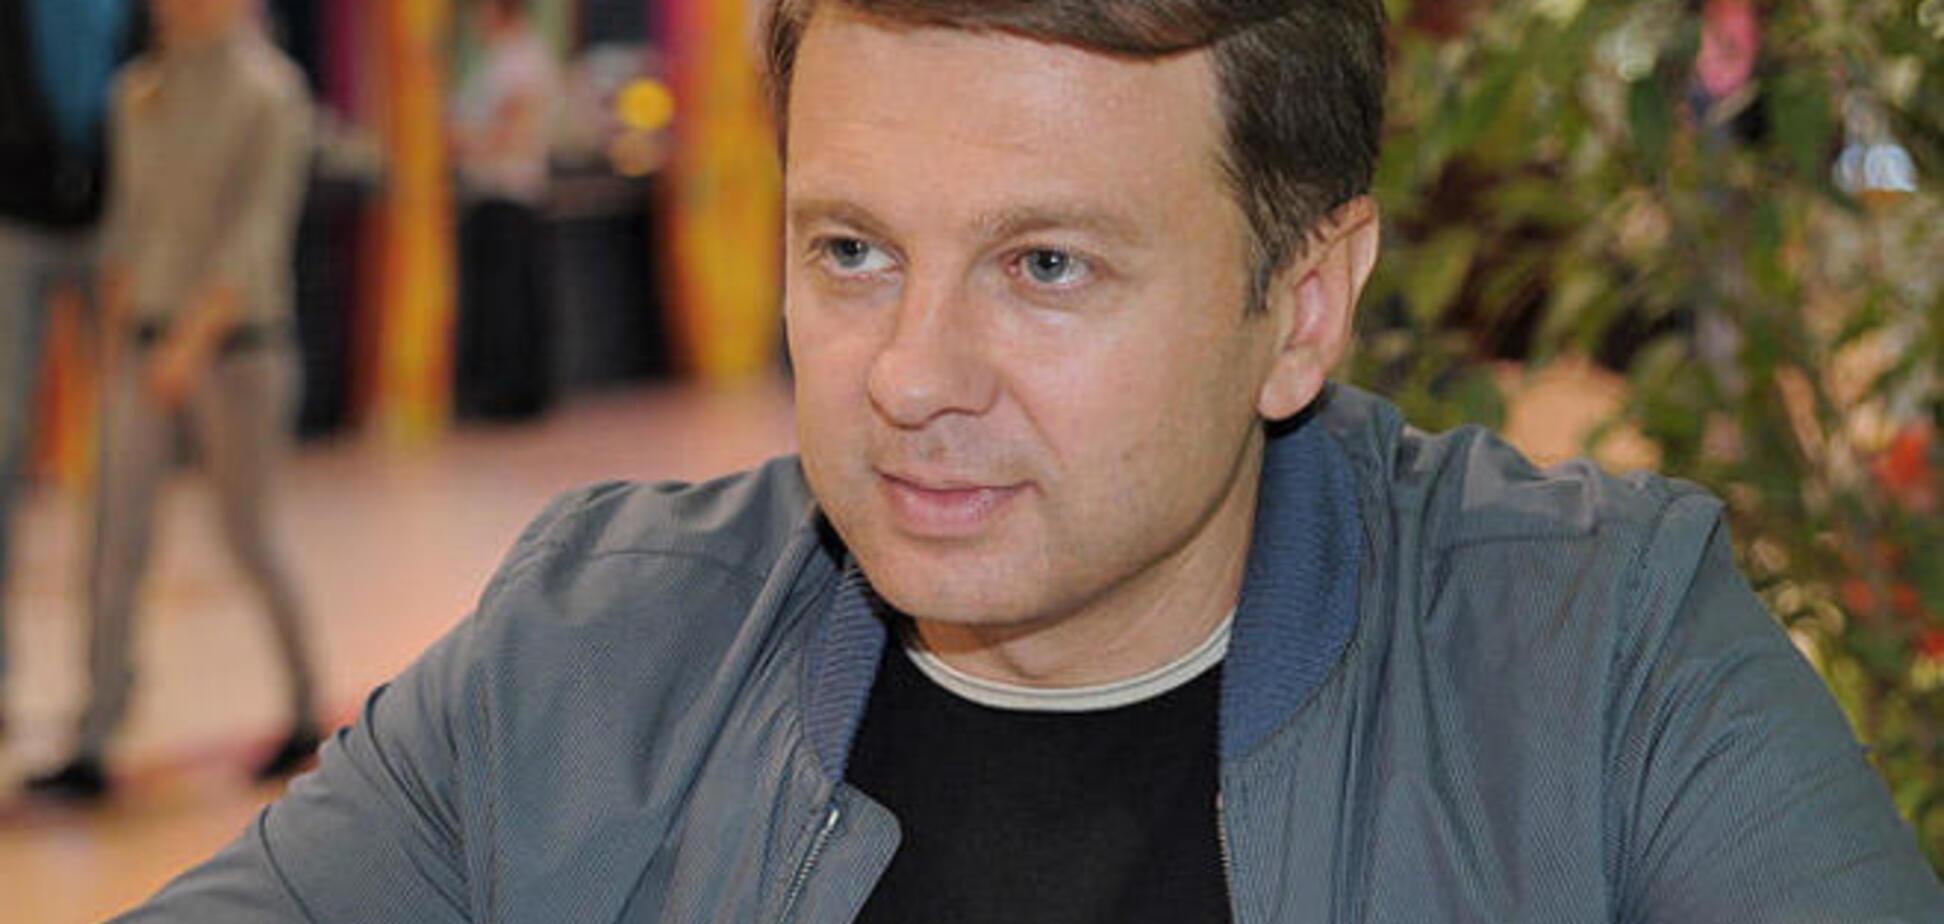 На Нагорного в Москве плевали, снимали на телефон и обещали 3 года заключения